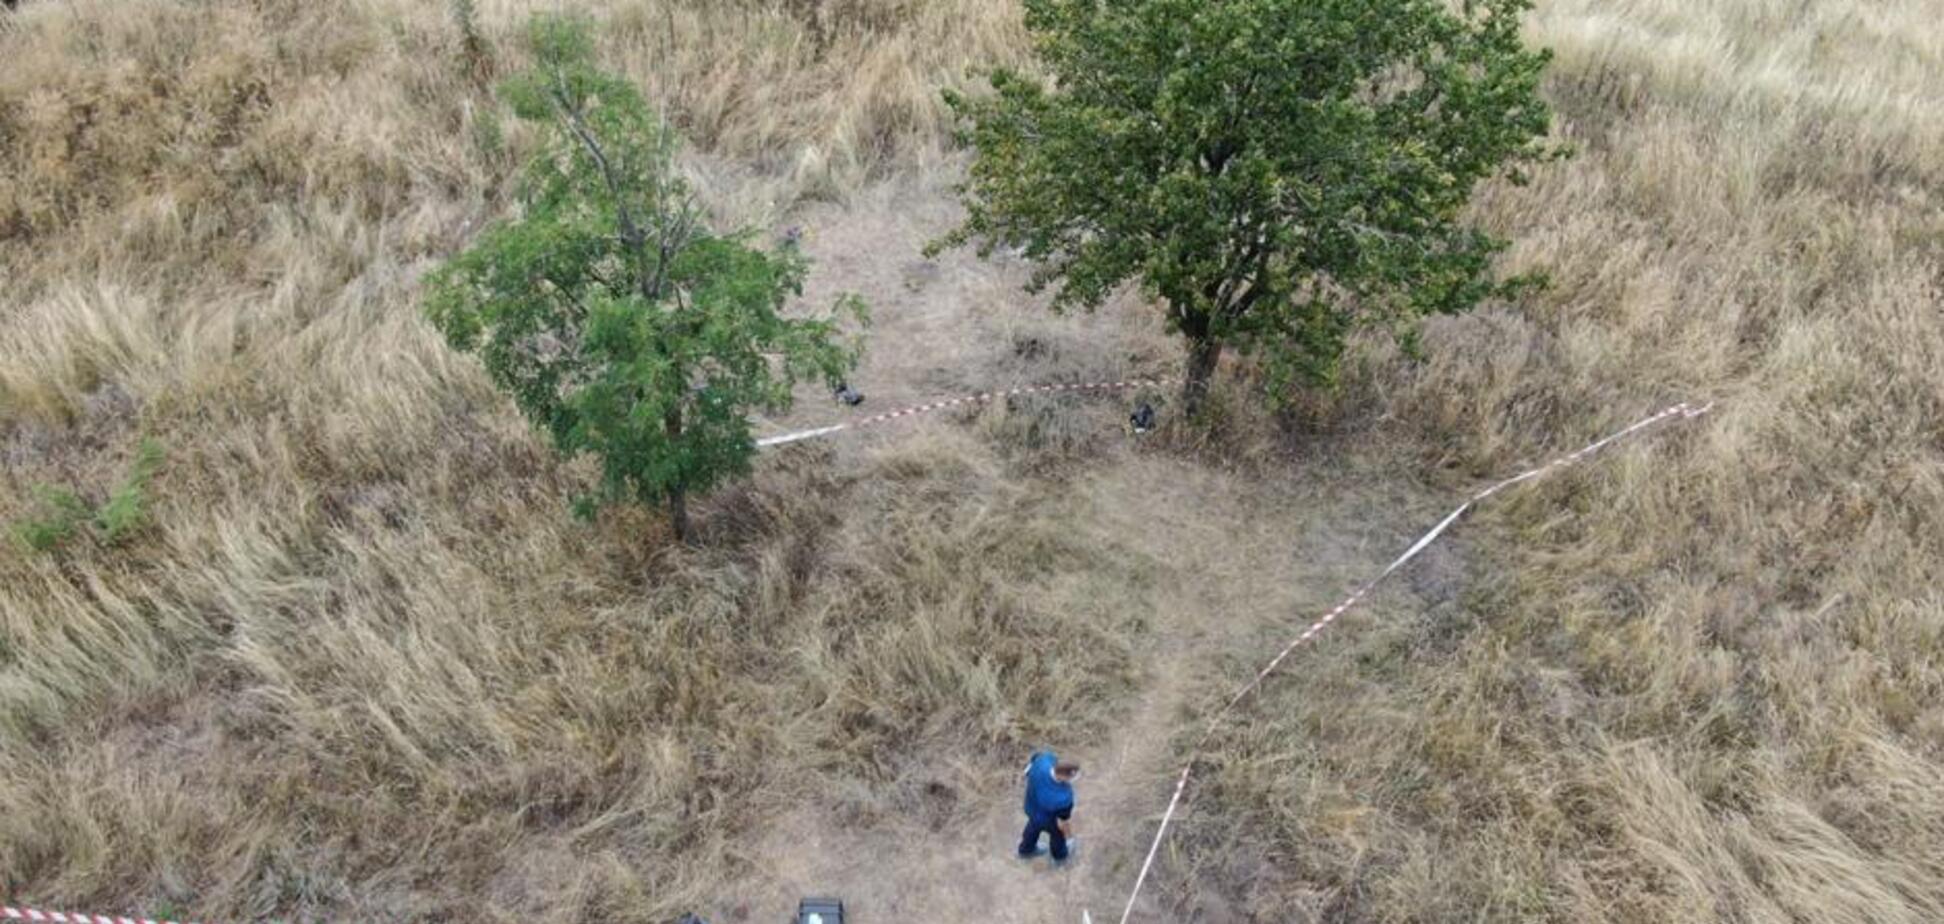 Вбивство 12-річної дівчинки на Київщині: стали відомі подробиці про підозрюваного. Поліція Київської області